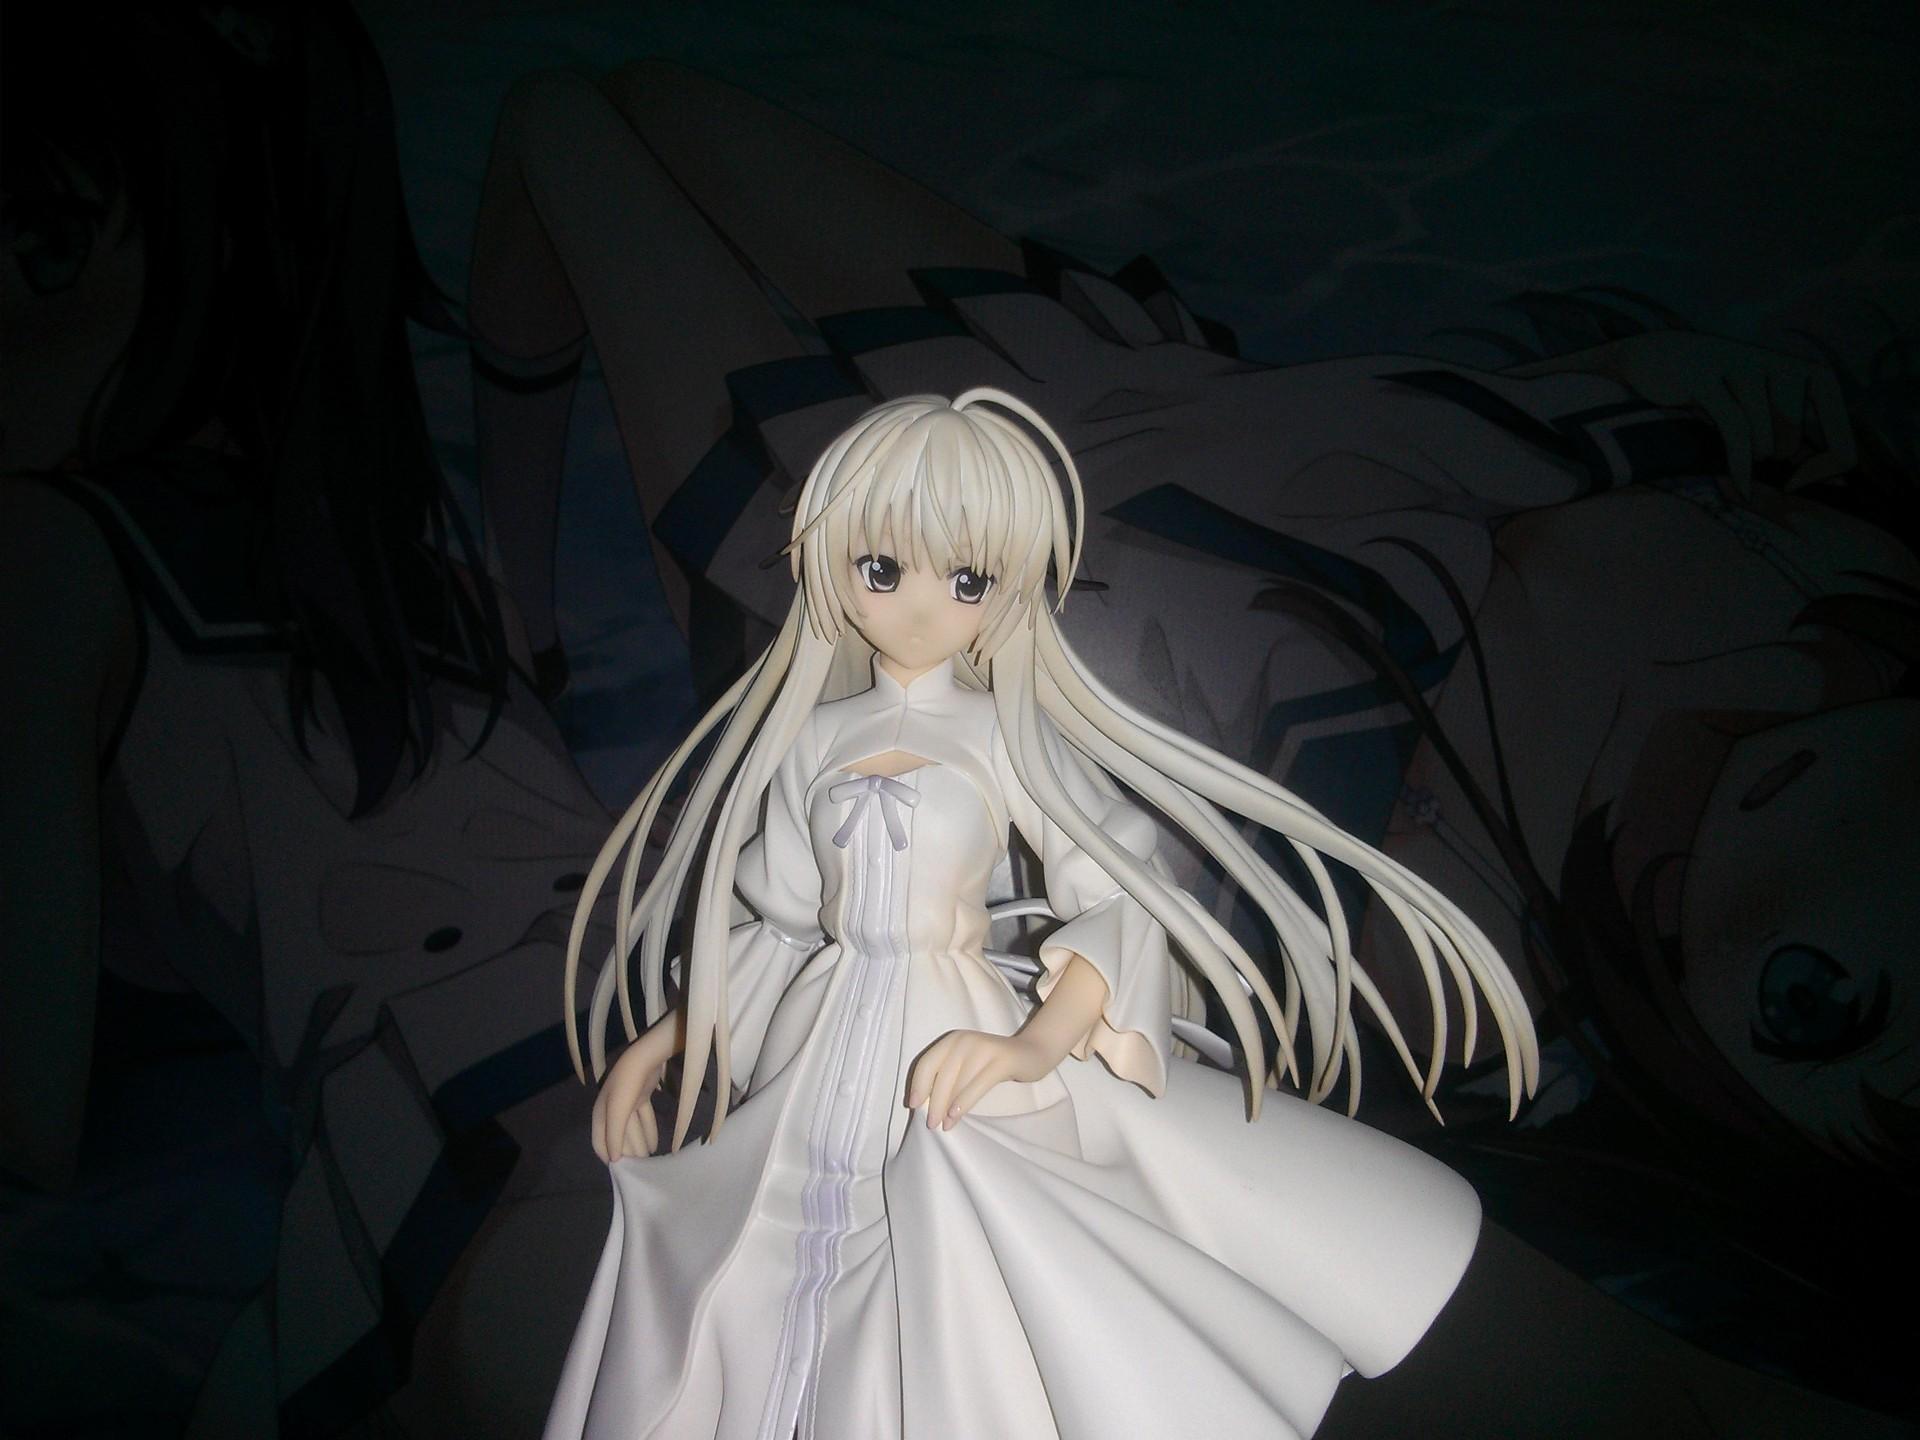 alter-yosuga-no-sora-1